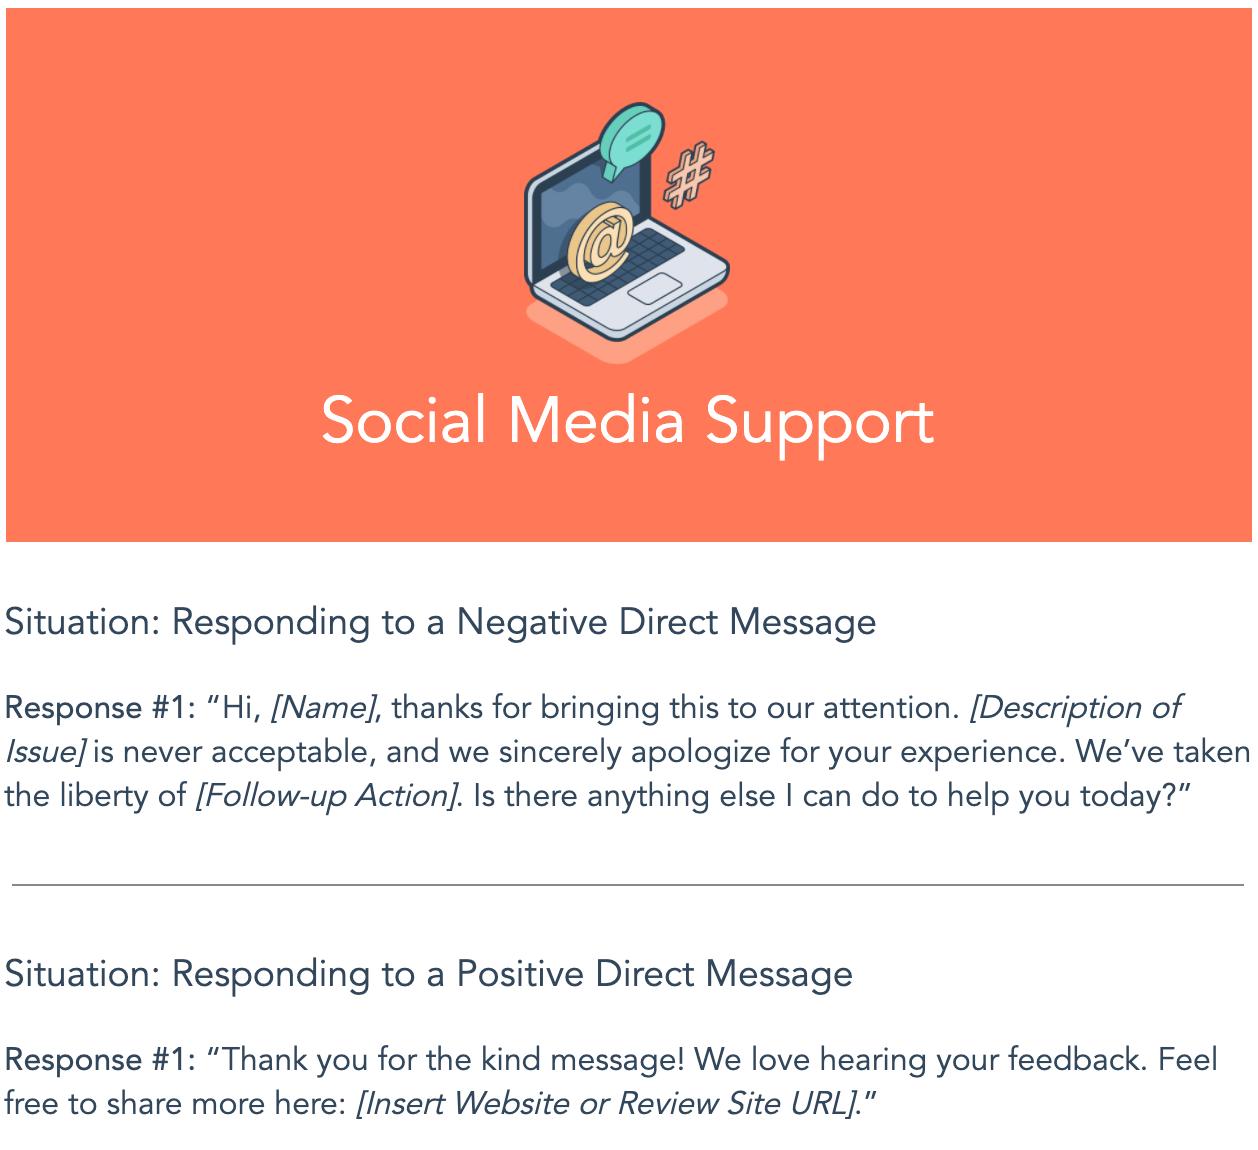 social media support template from HubSpot